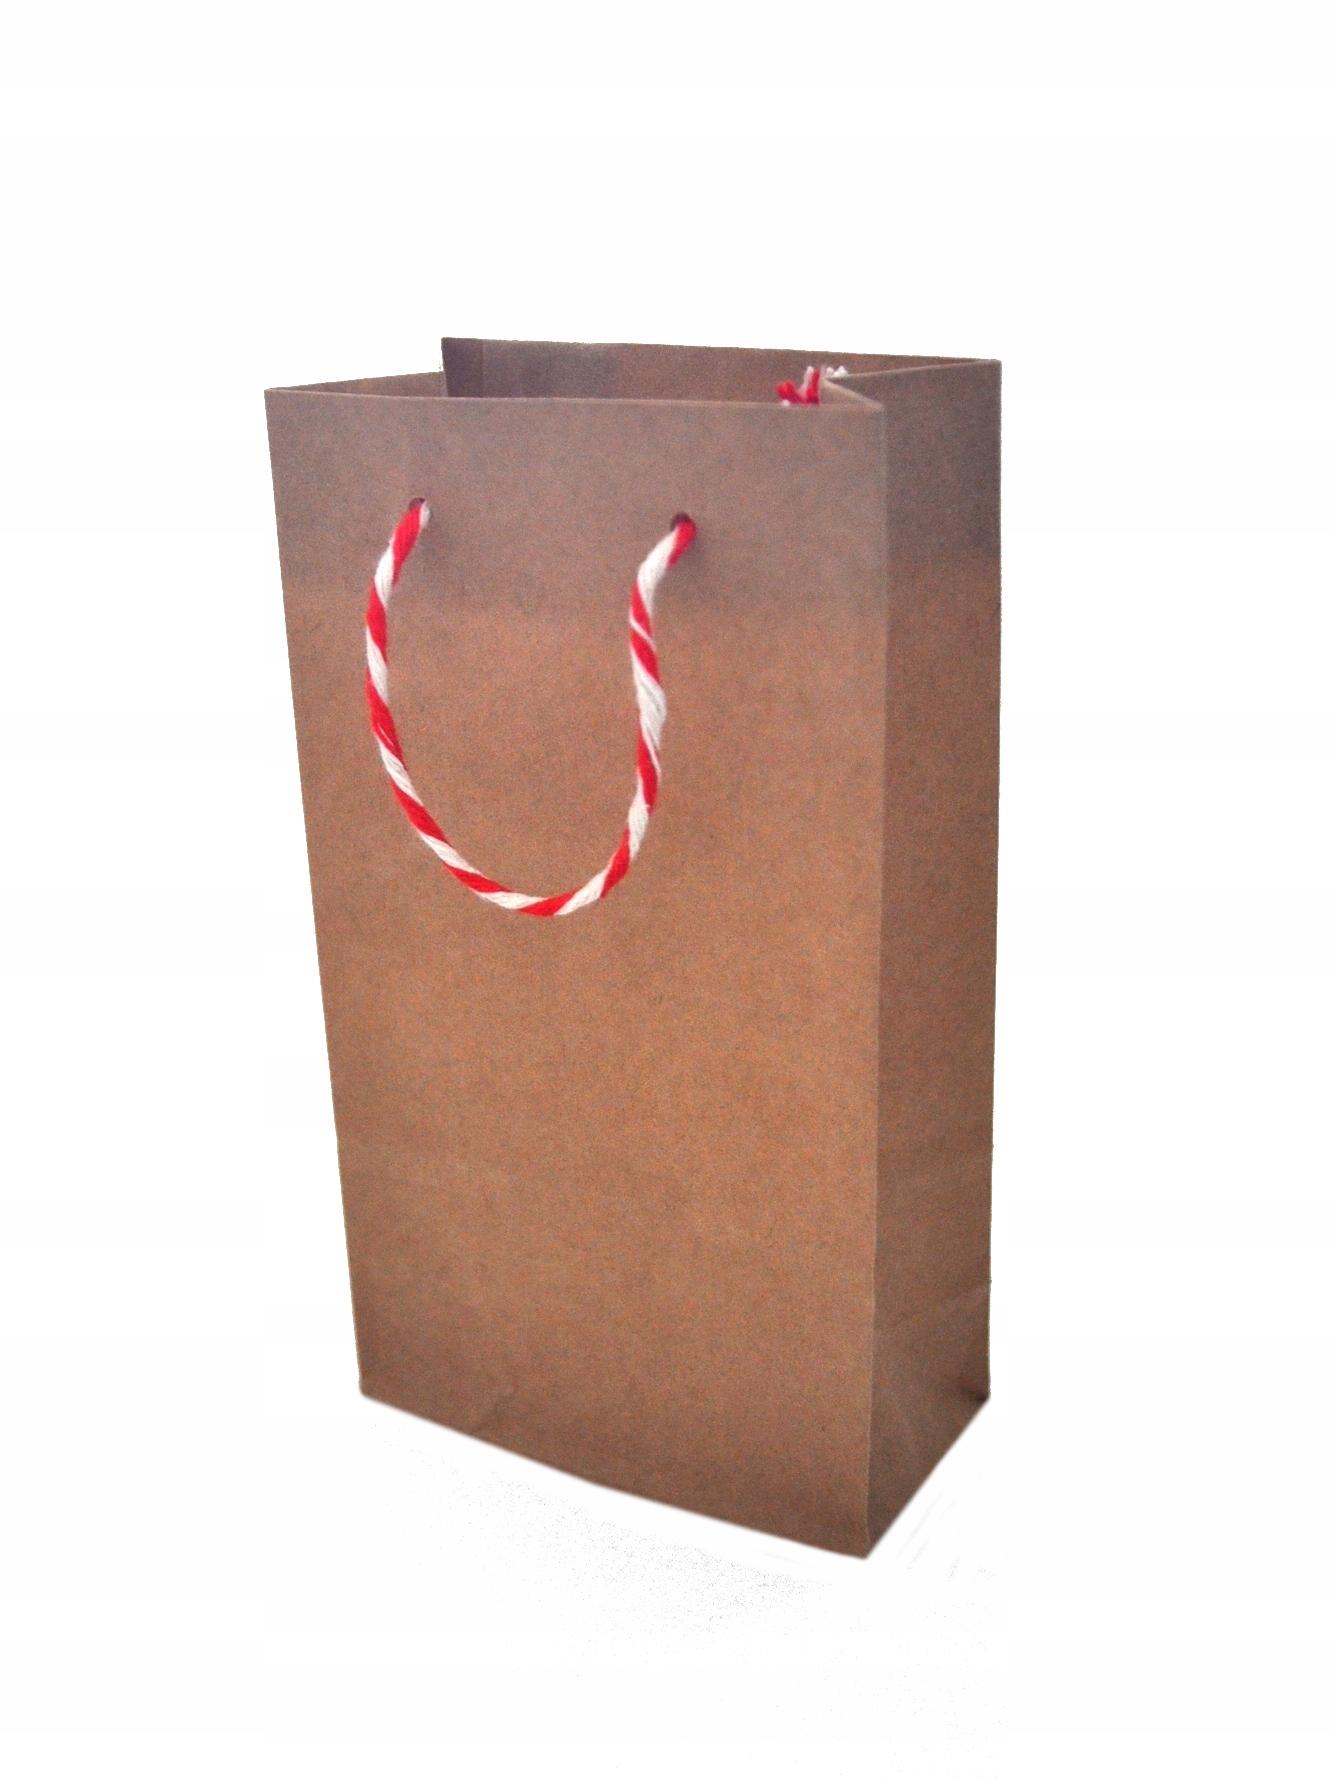 8ffee2e41abb2 torebki papierowe Warszawa w Oficjalnym Archiwum Allegro - archiwum ofert